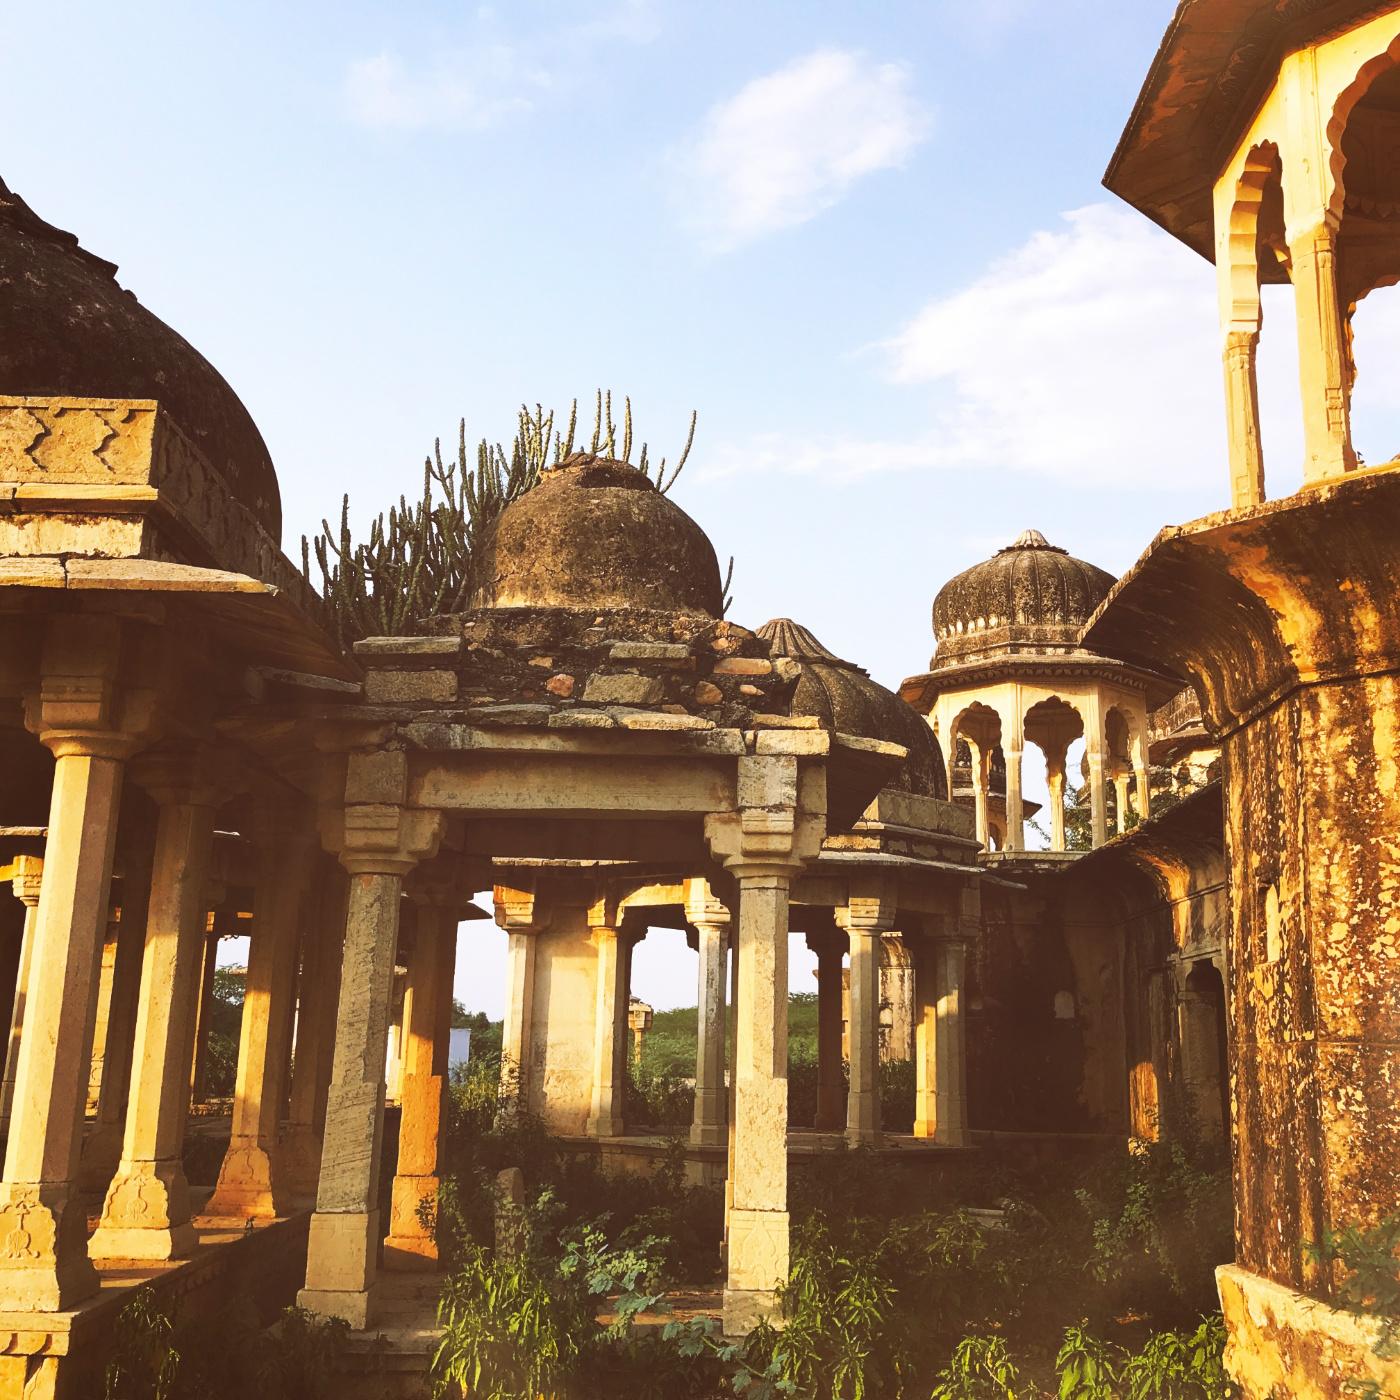 287-India-Khandela